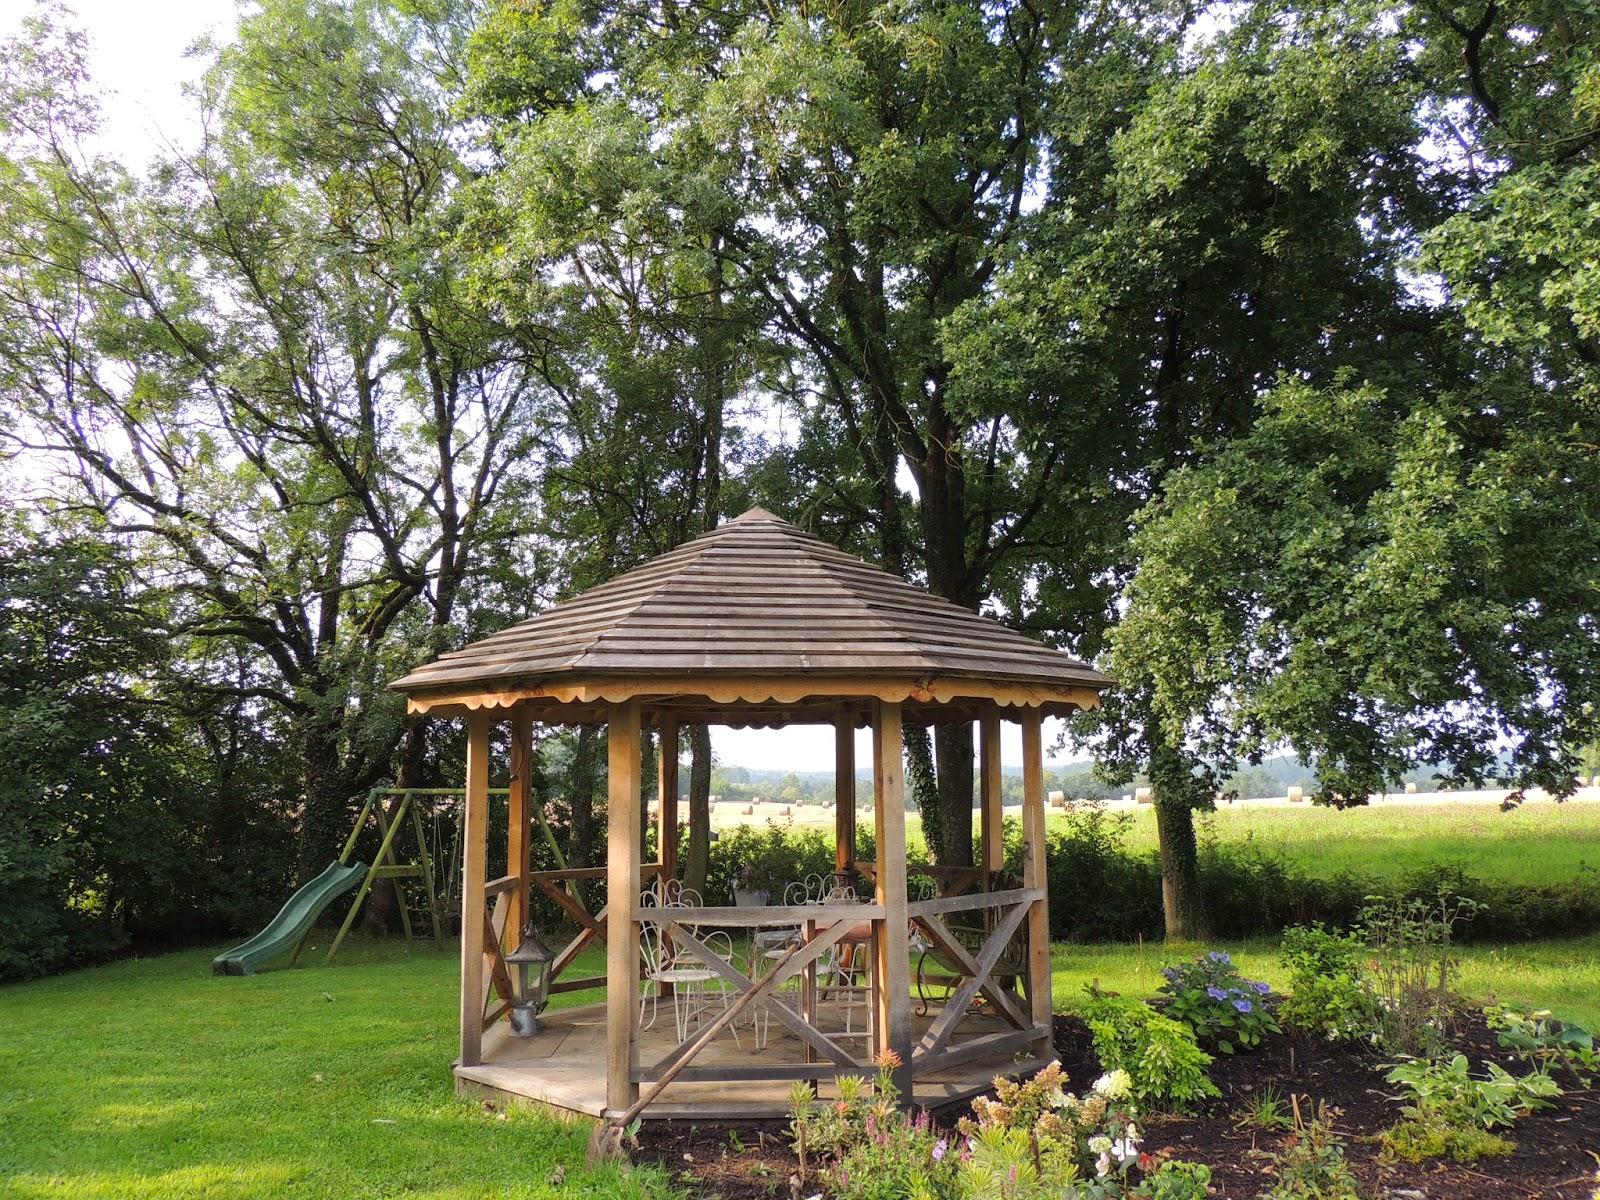 Fabriquer Son Kiosque De Jardin ~ Idées de Design Maison et Idées de ...